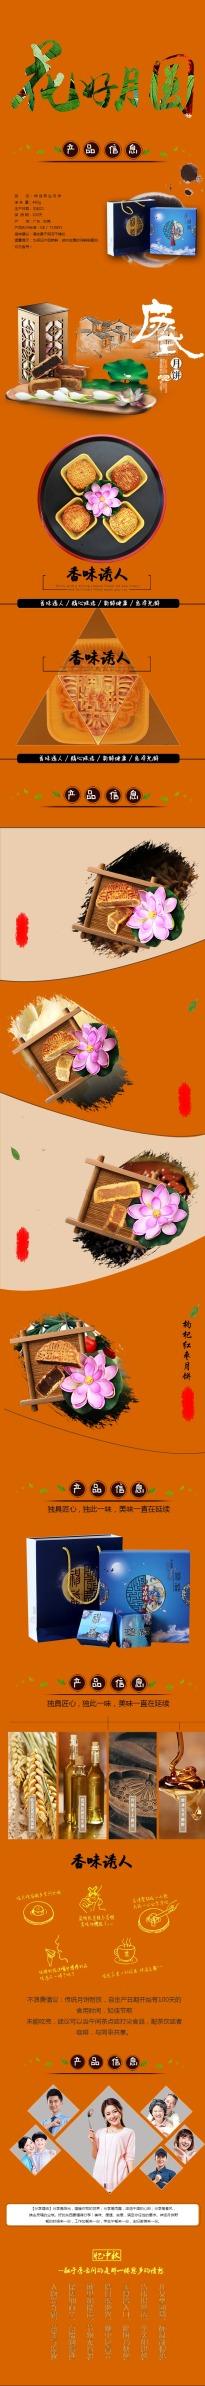 橙色简约月饼面包点心电商宣传营销宝贝详情